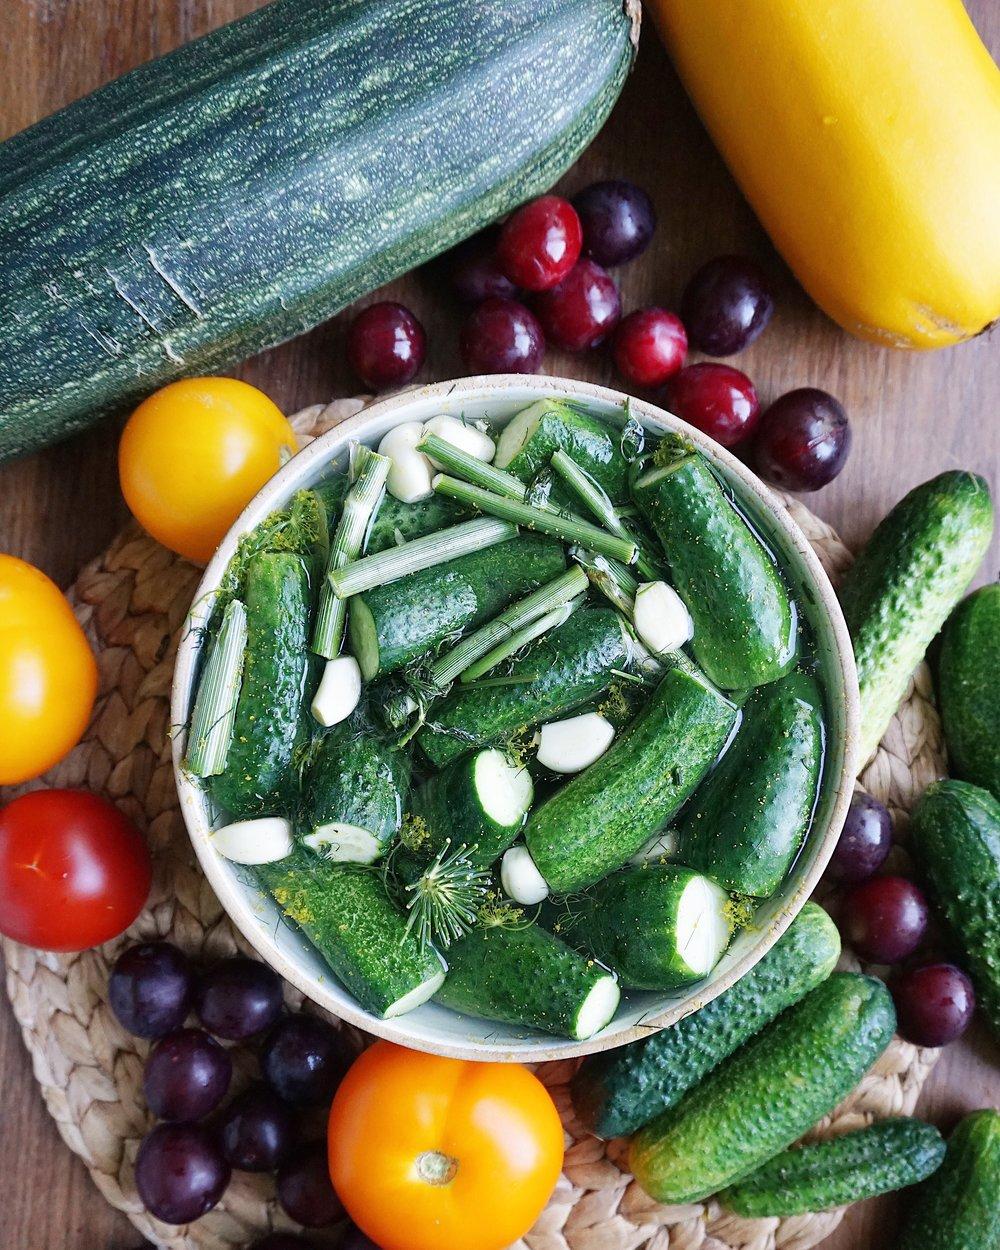 sālīti gurķīši mūsu gaumē - cik latviešu, tik sālīto gurķīšu recepšu. šī ir mūsējā - gatavoti maisiņā vai bļodā, virtuvē vai lauka vidū - vienmēr garšīgi.